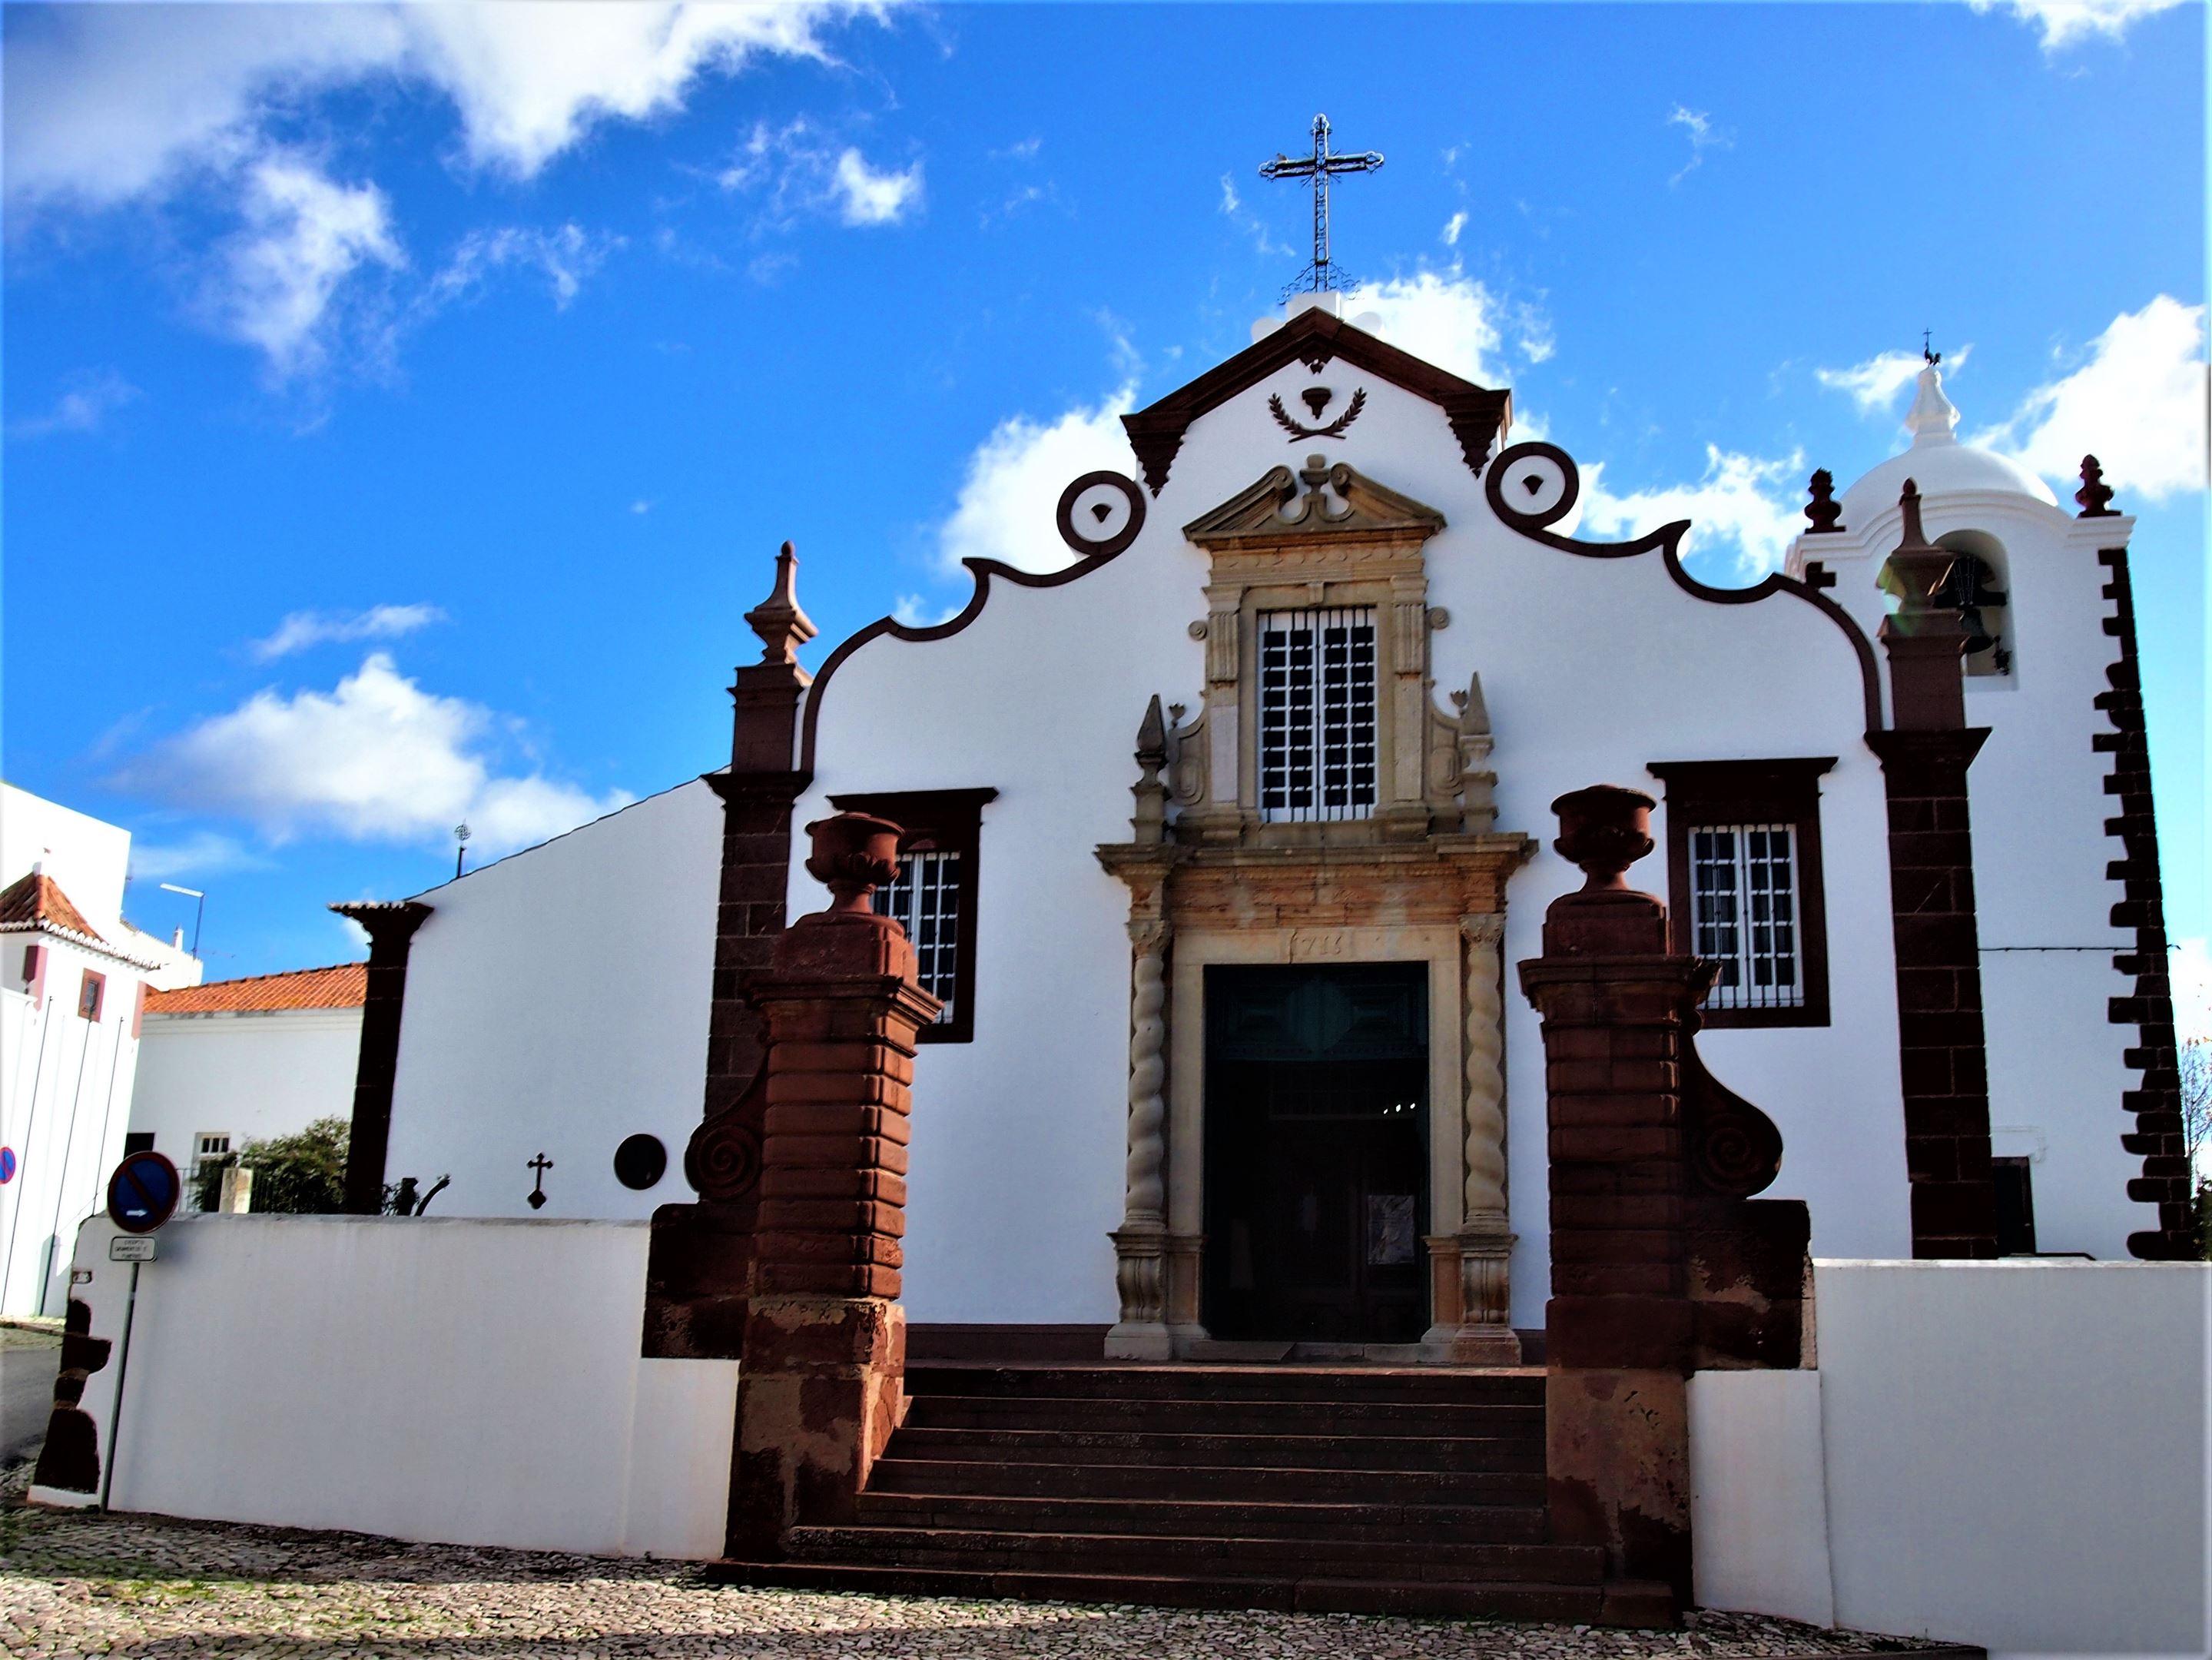 The Igreja Matriz (Mother Church), São Bartolomeu de Messines